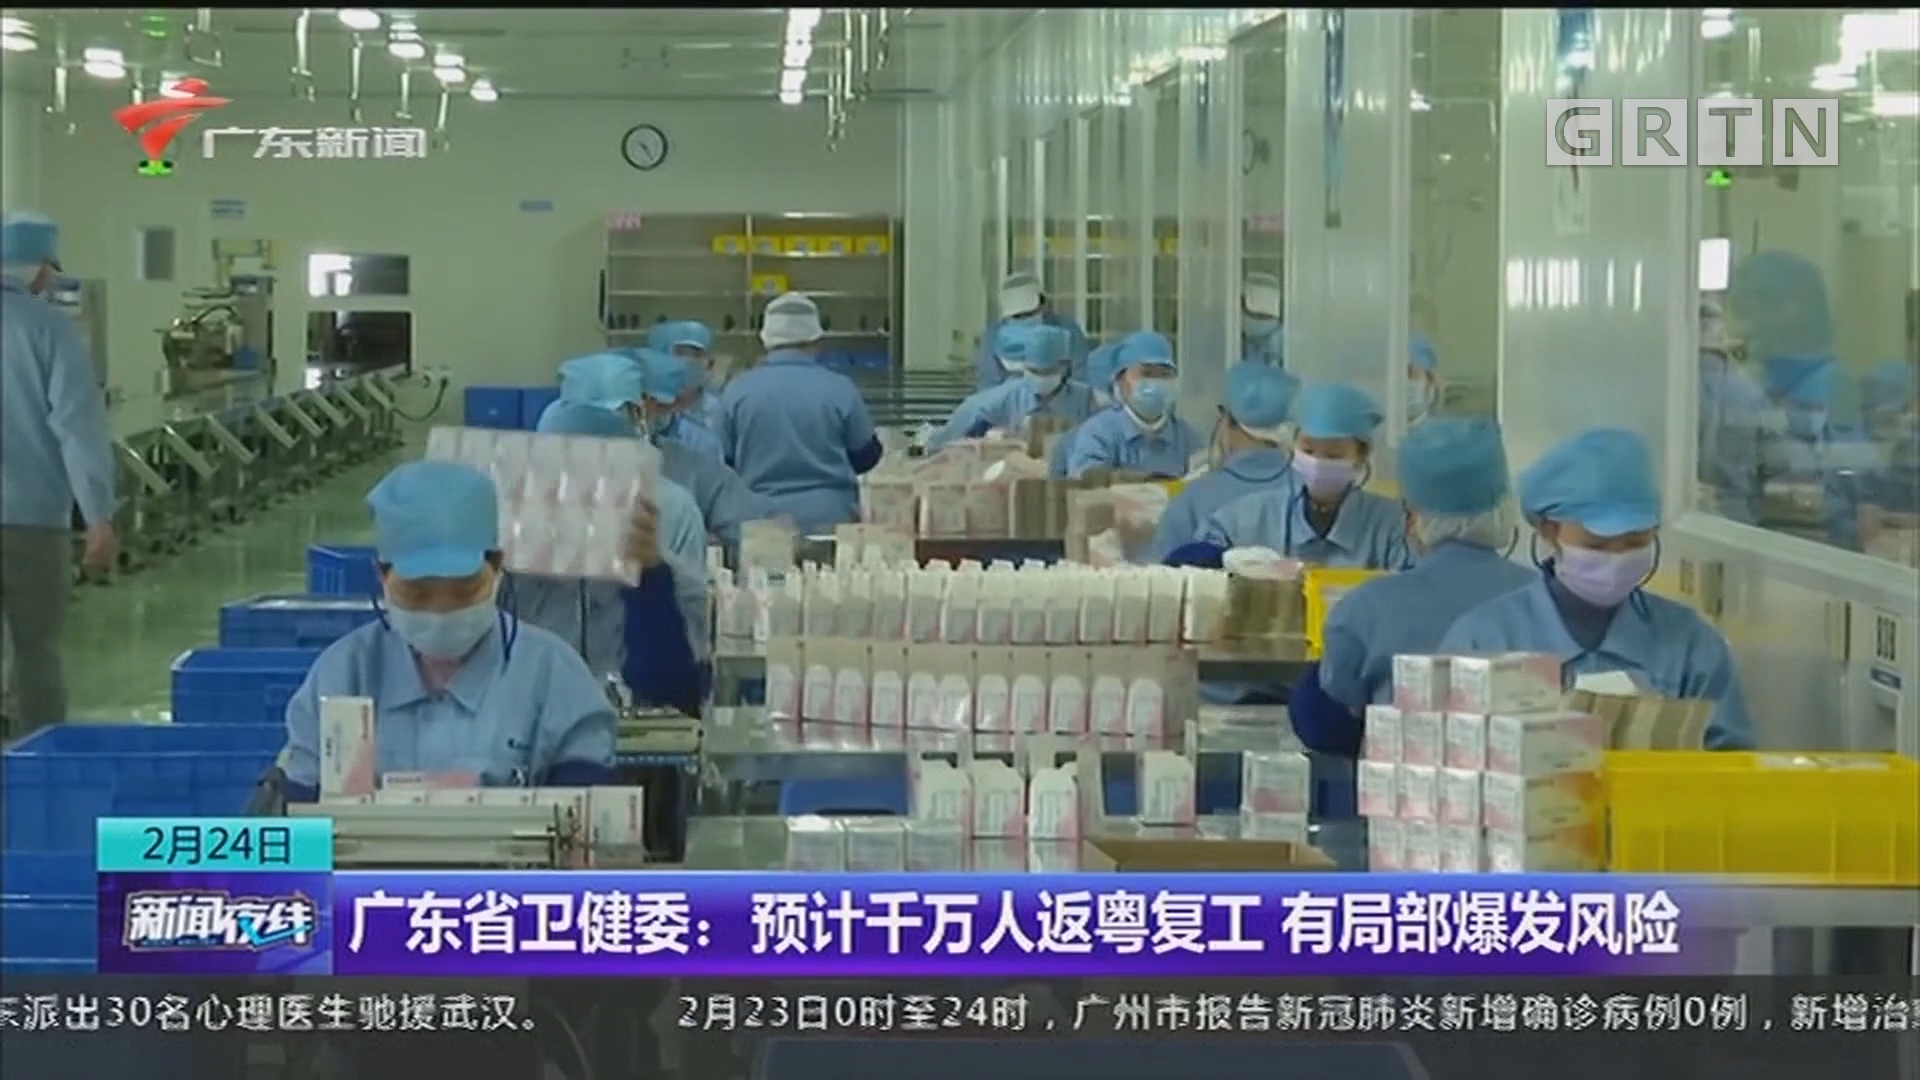 广东省卫健委:预计千万人返粤复工 有局部爆发风险